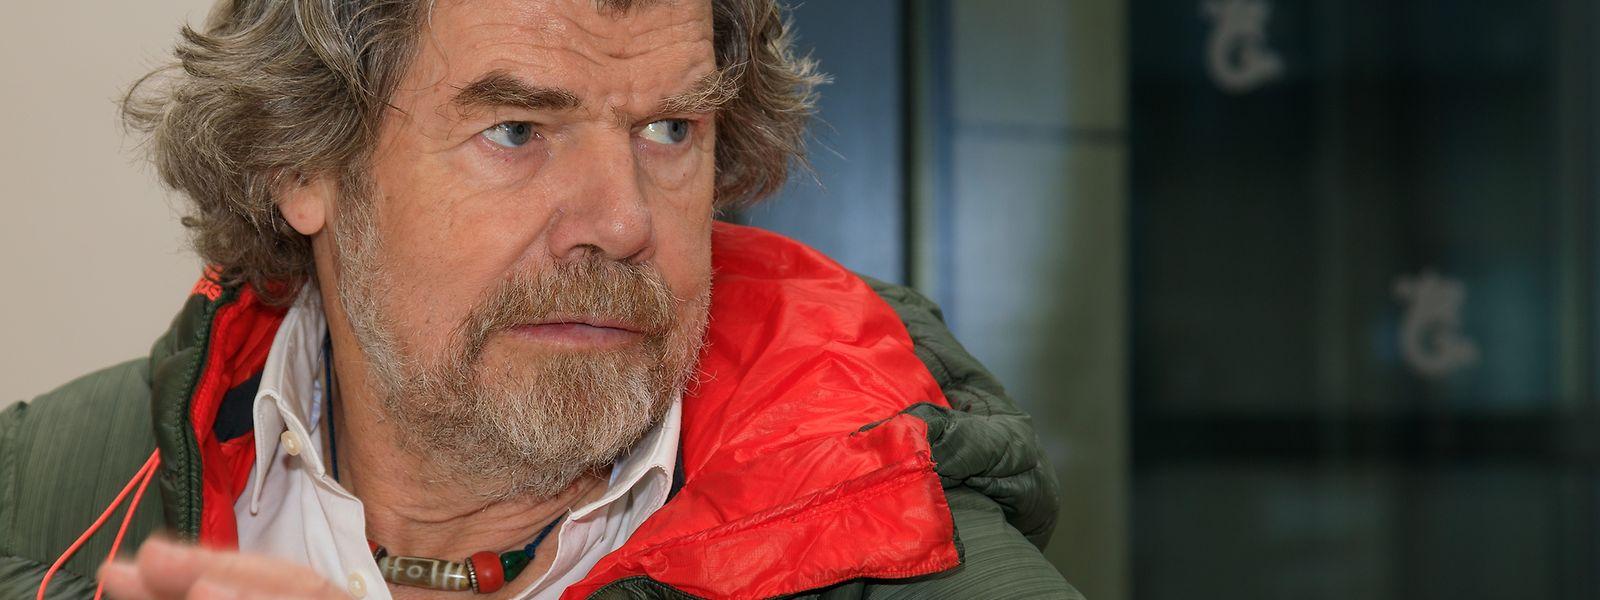 Reinhold Messner stand als erster Mensch auf den 14 Achttausender.